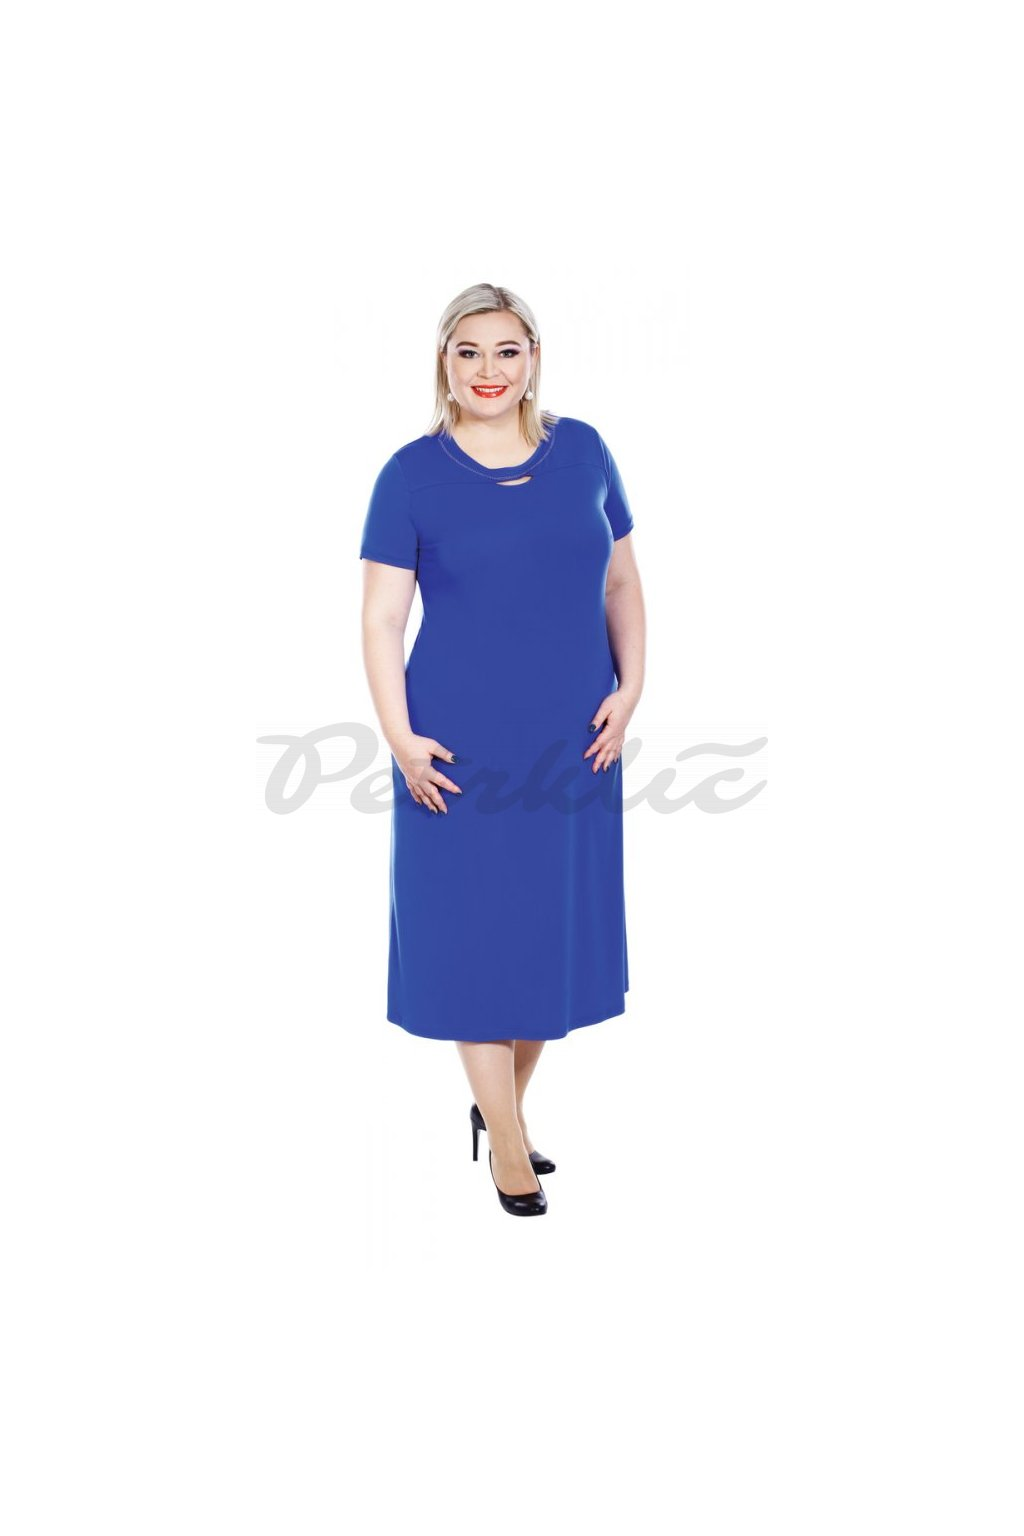 MILADA - šaty 100 - 105 cm